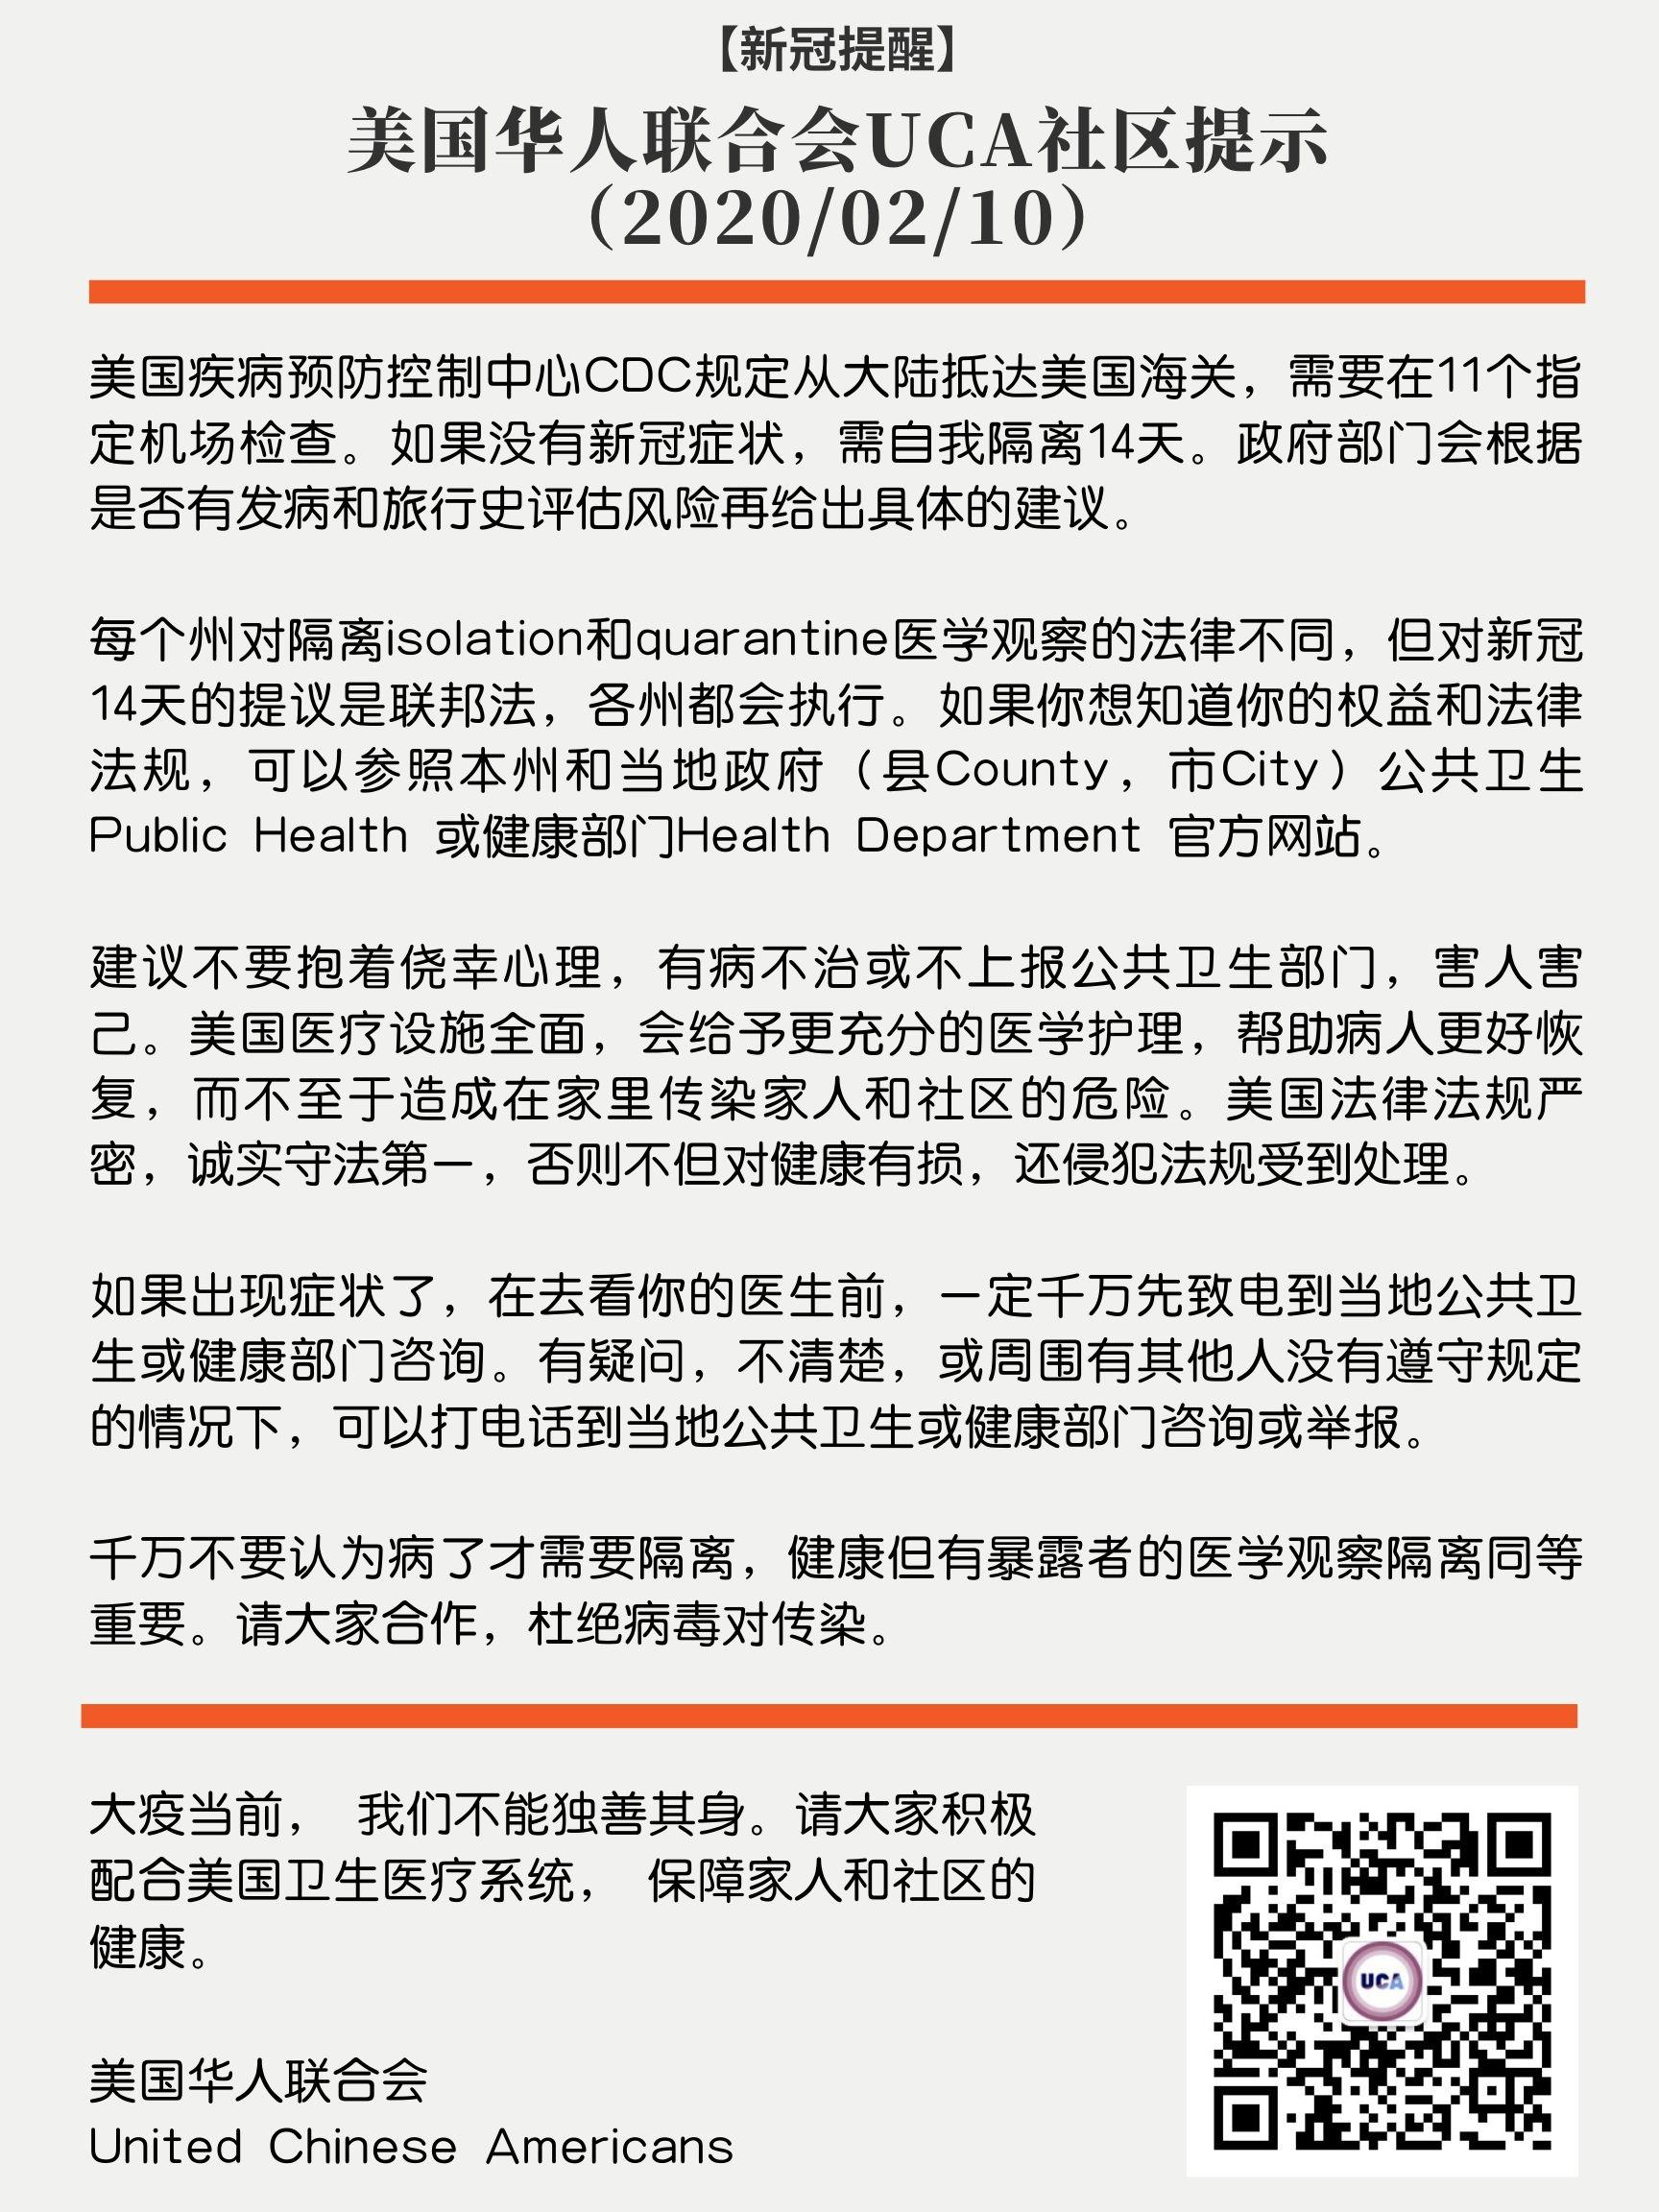 美国华人联合会UCA社区提示 (1)